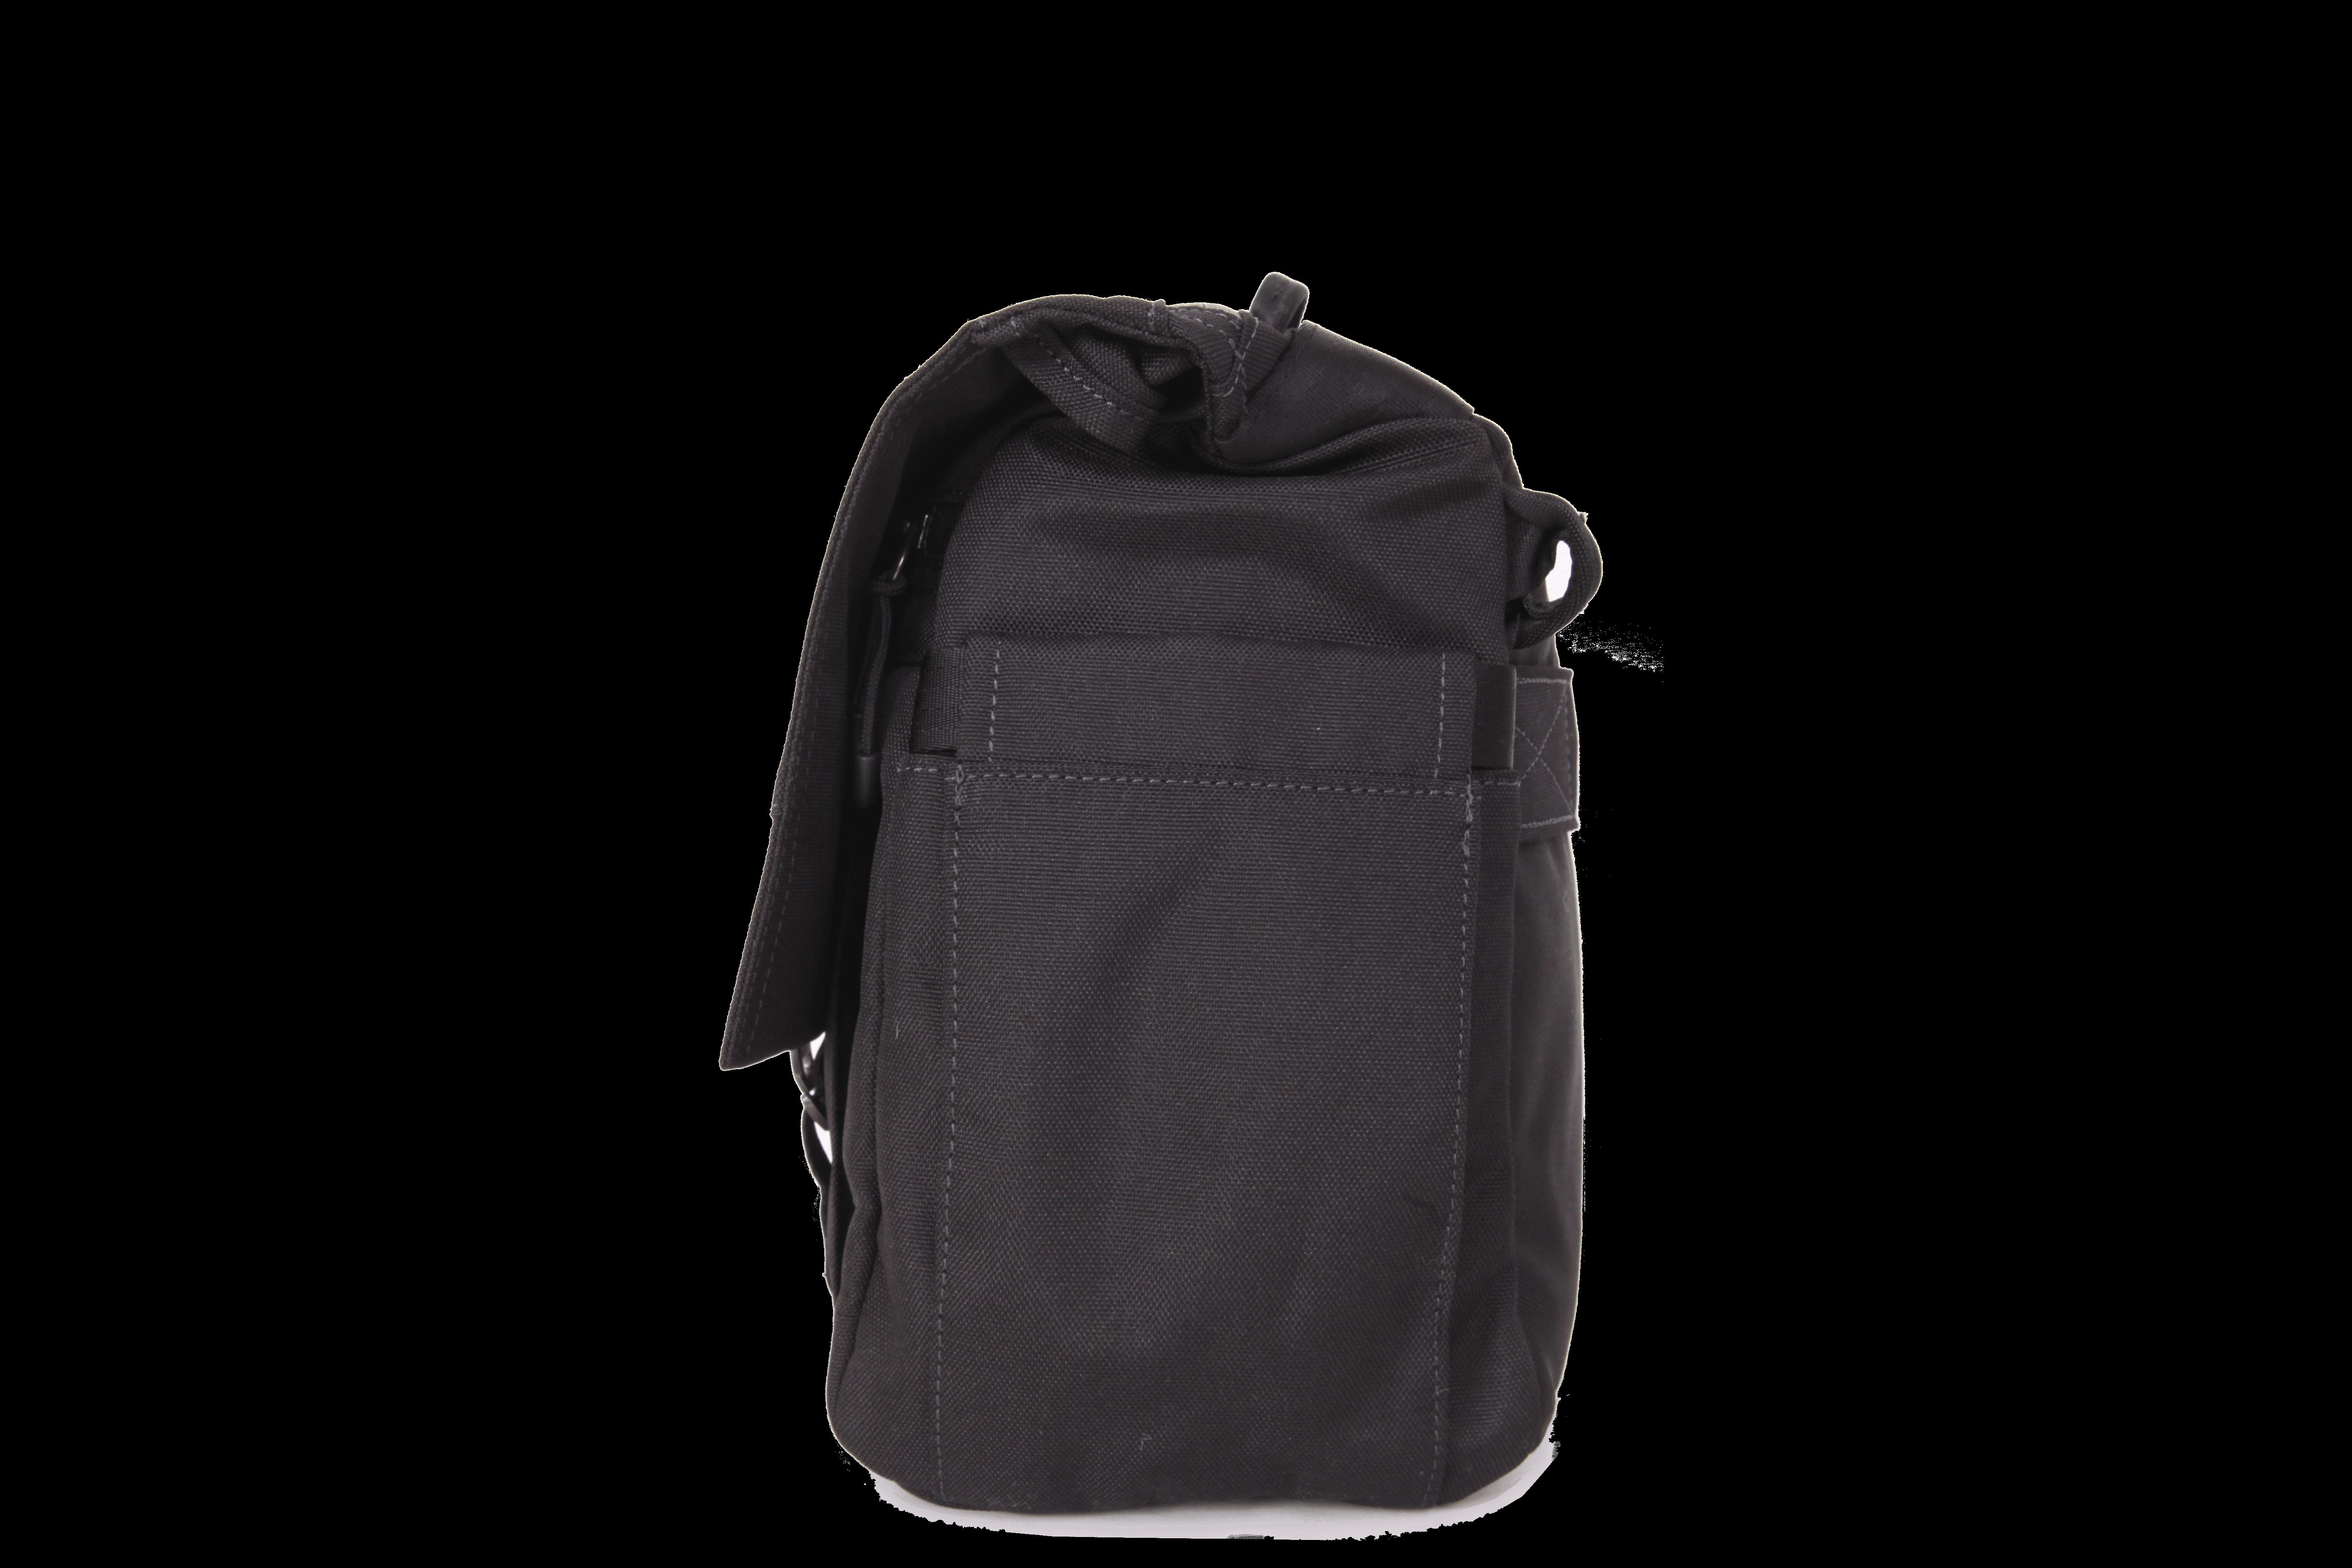 Matin กระเป๋ากล้อง Zest Messenger camera bag